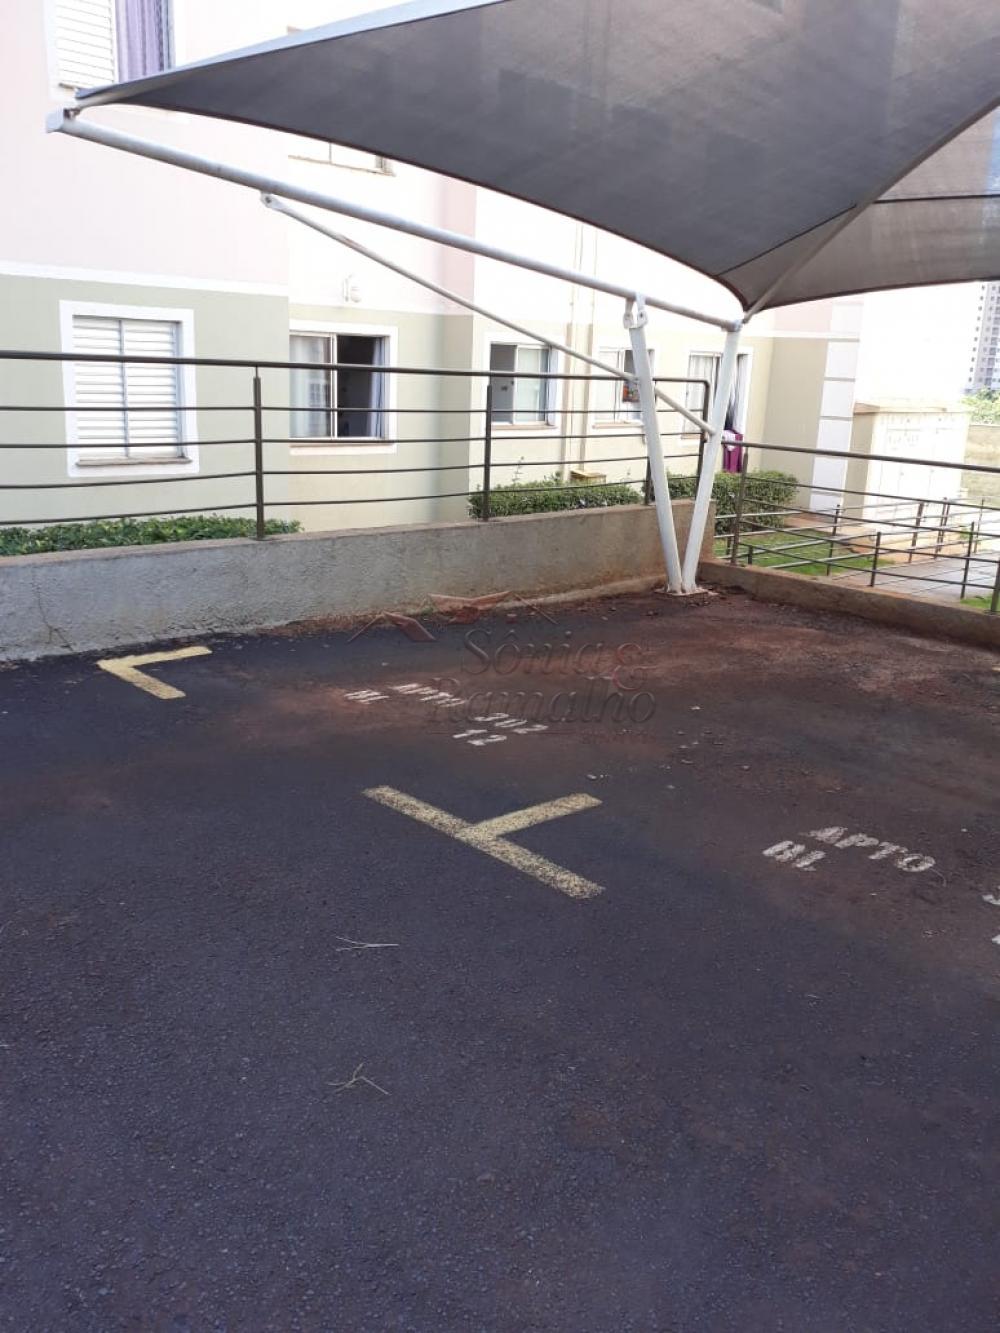 Comprar Apartamentos / Padrão em Ribeirão Preto apenas R$ 170.000,00 - Foto 13